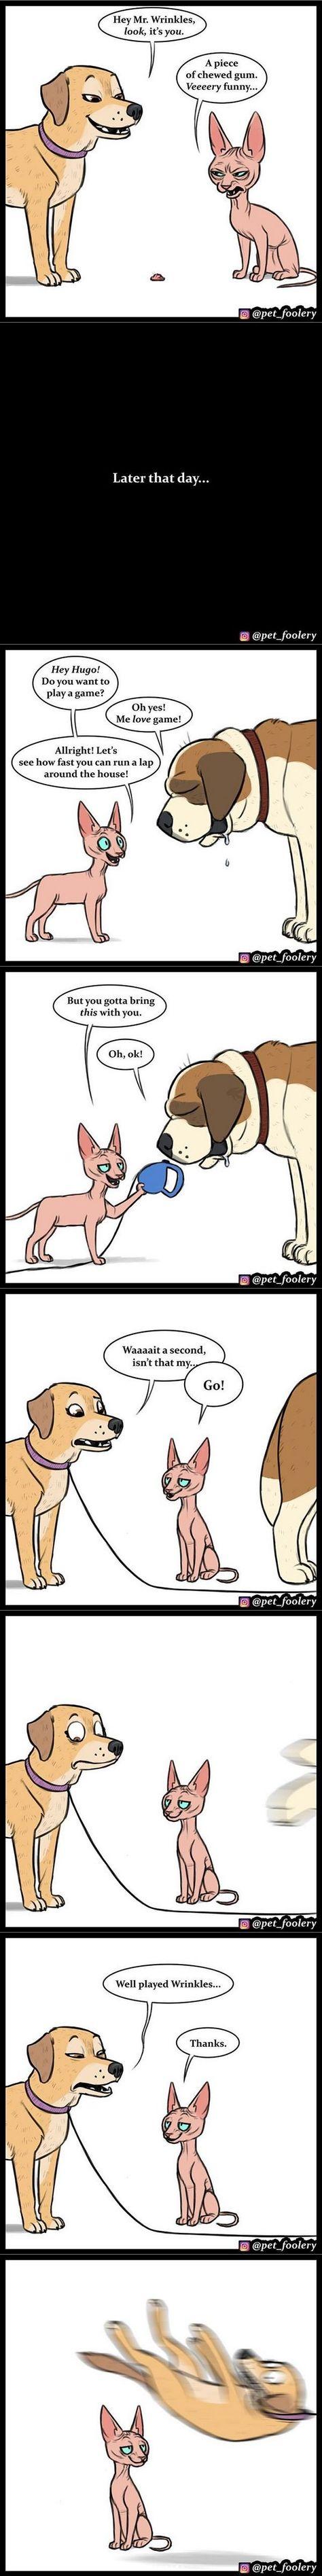 Pet play geschichten